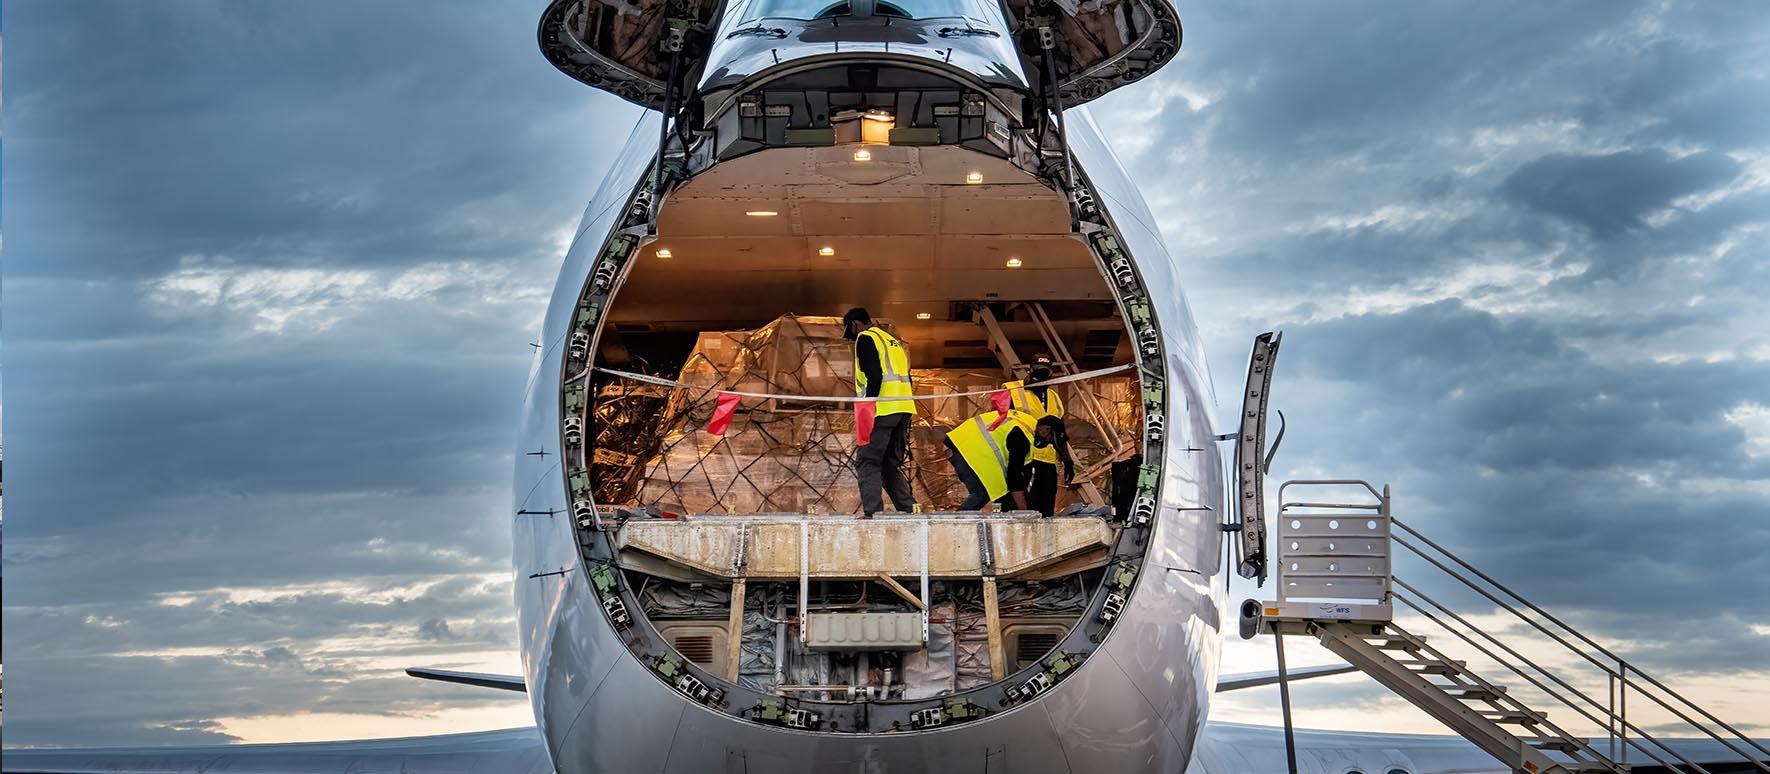 DSV air charter network